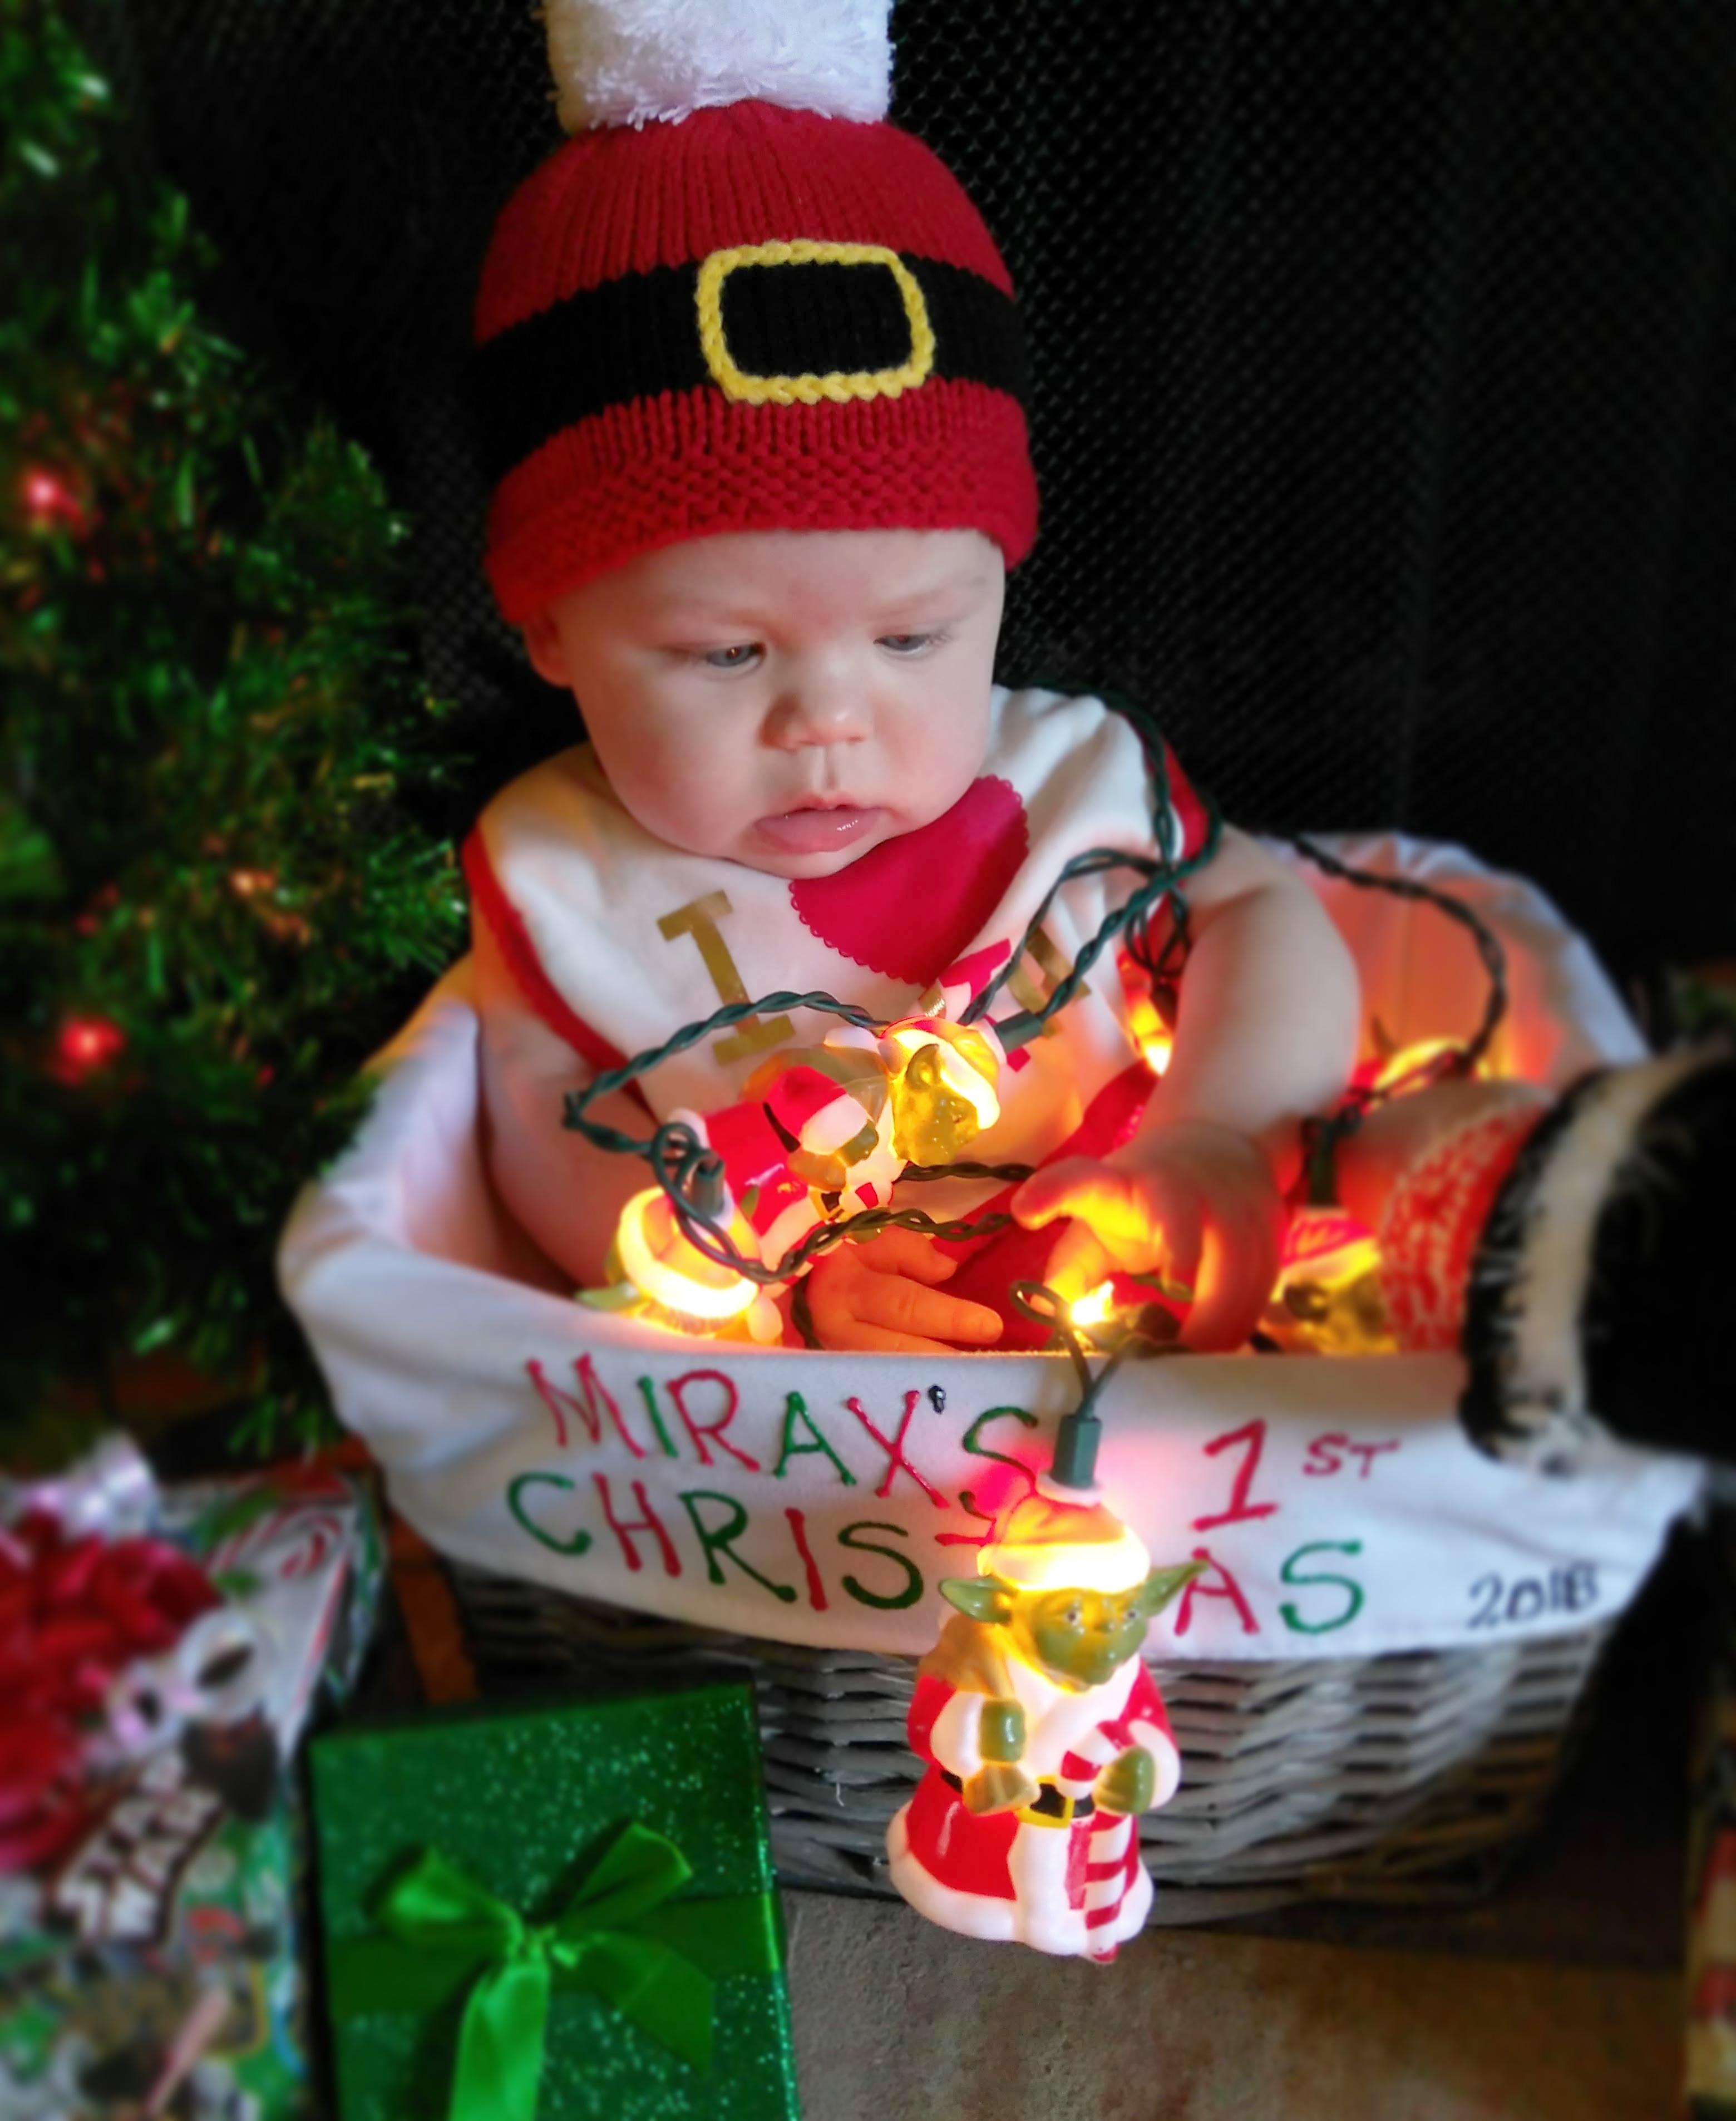 I hope she grows up thinking Yoda is santa